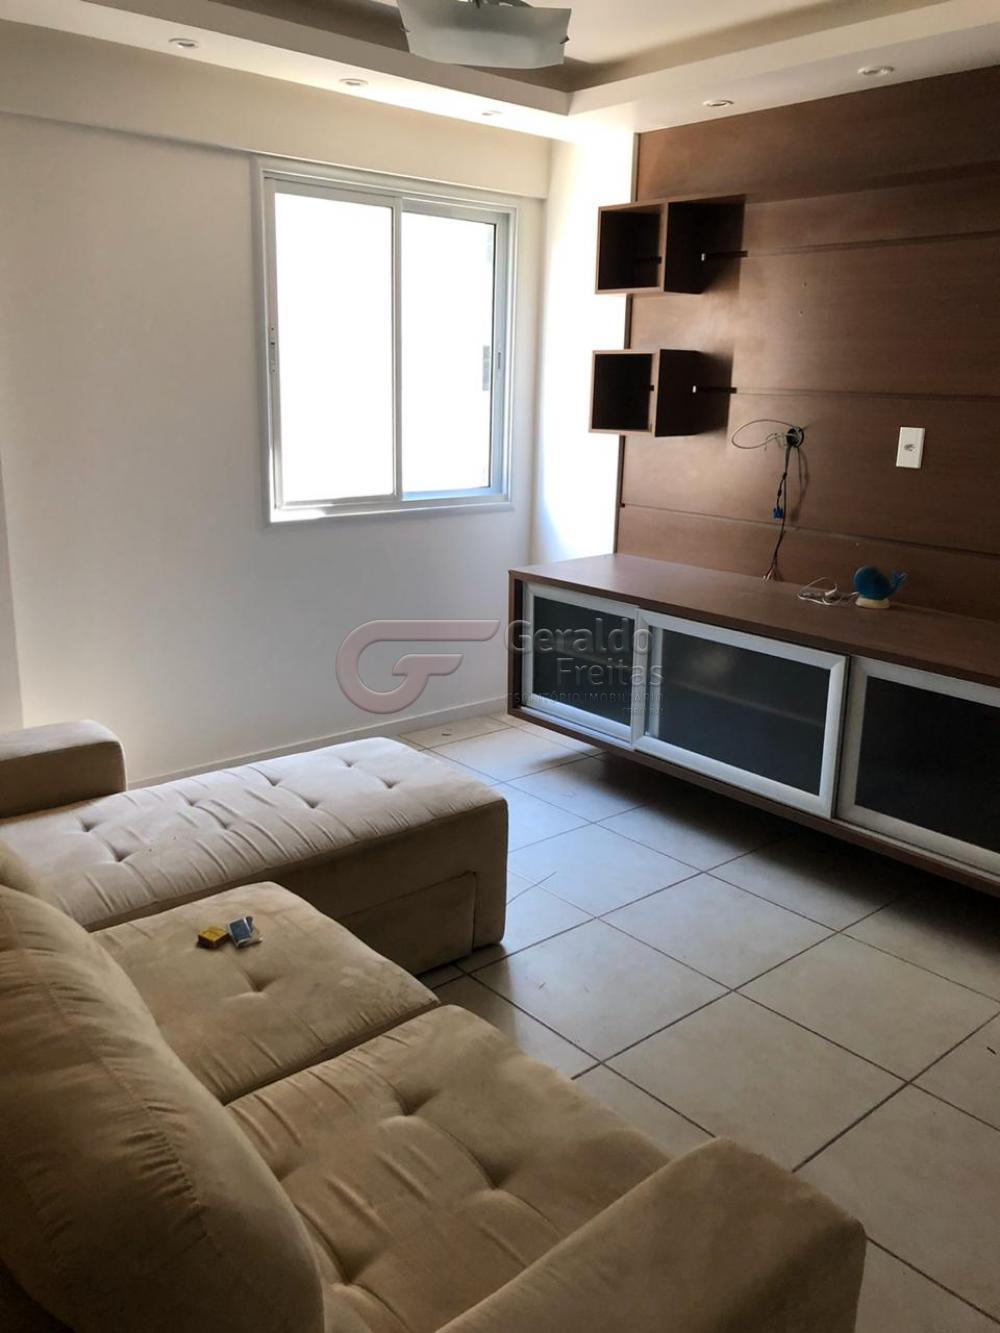 Comprar Apartamentos / Quarto Sala em Maceió apenas R$ 270.000,00 - Foto 2